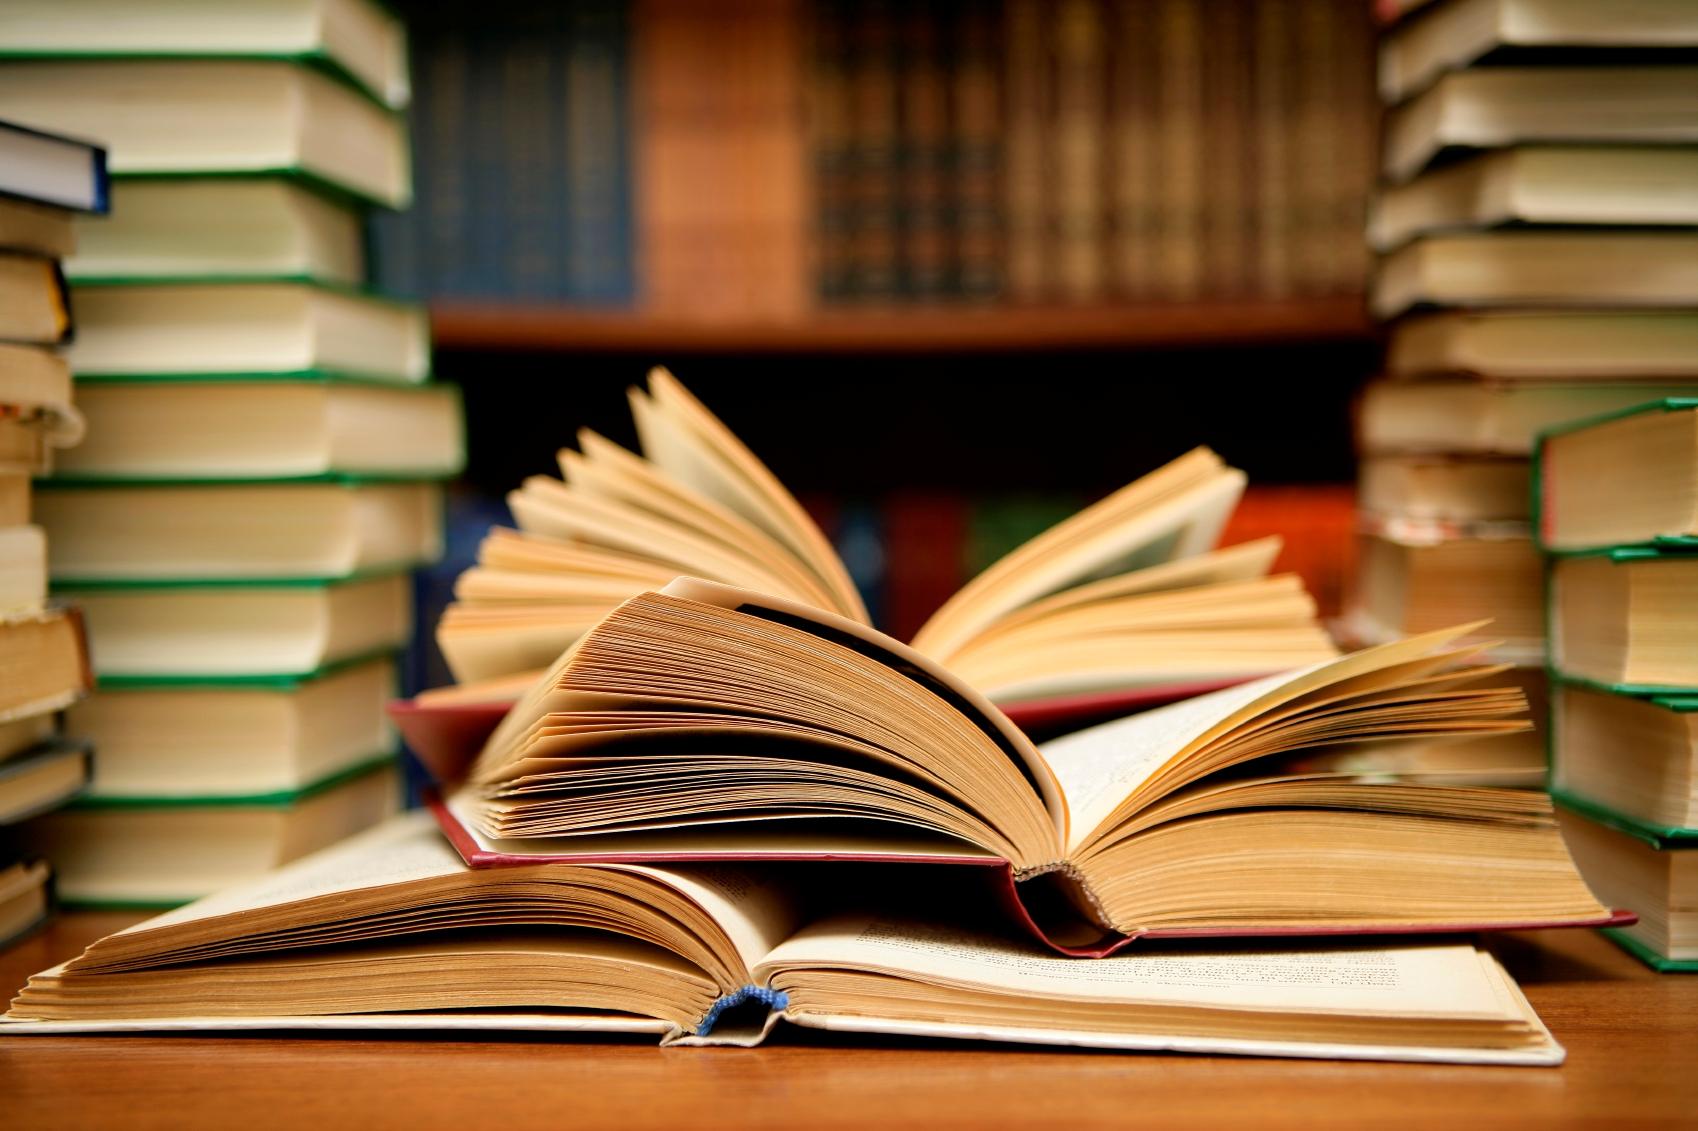 Портал, конвертирующий «Путь Абая» за шесть секунд на латынь, разработали в Казахстане   , Путь Абая, Латынь, Библиотека, Qazlatyn.kz